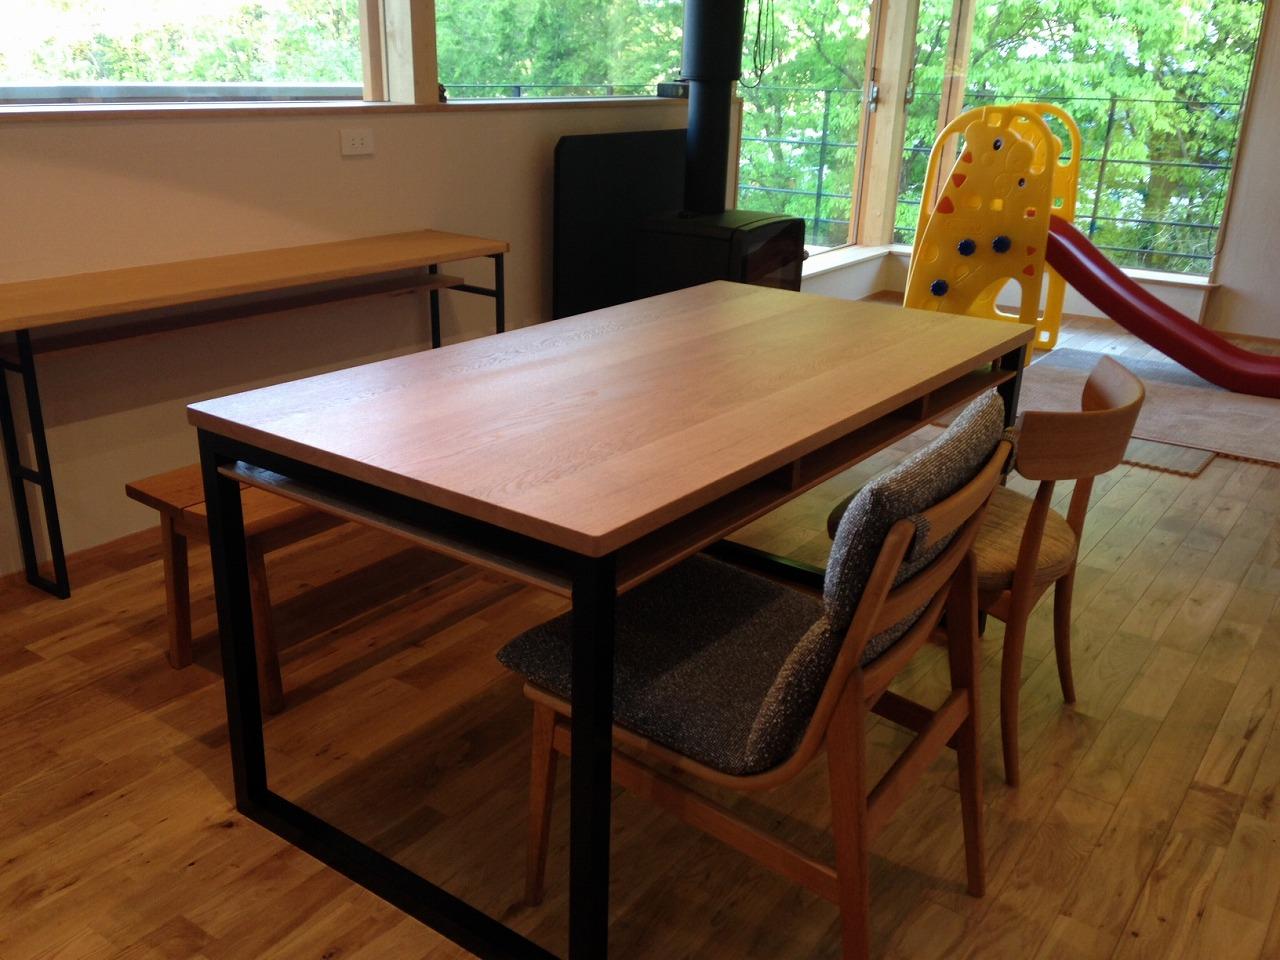 テーブル天板の角を丸くした棚付きダイニングテーブル 3039